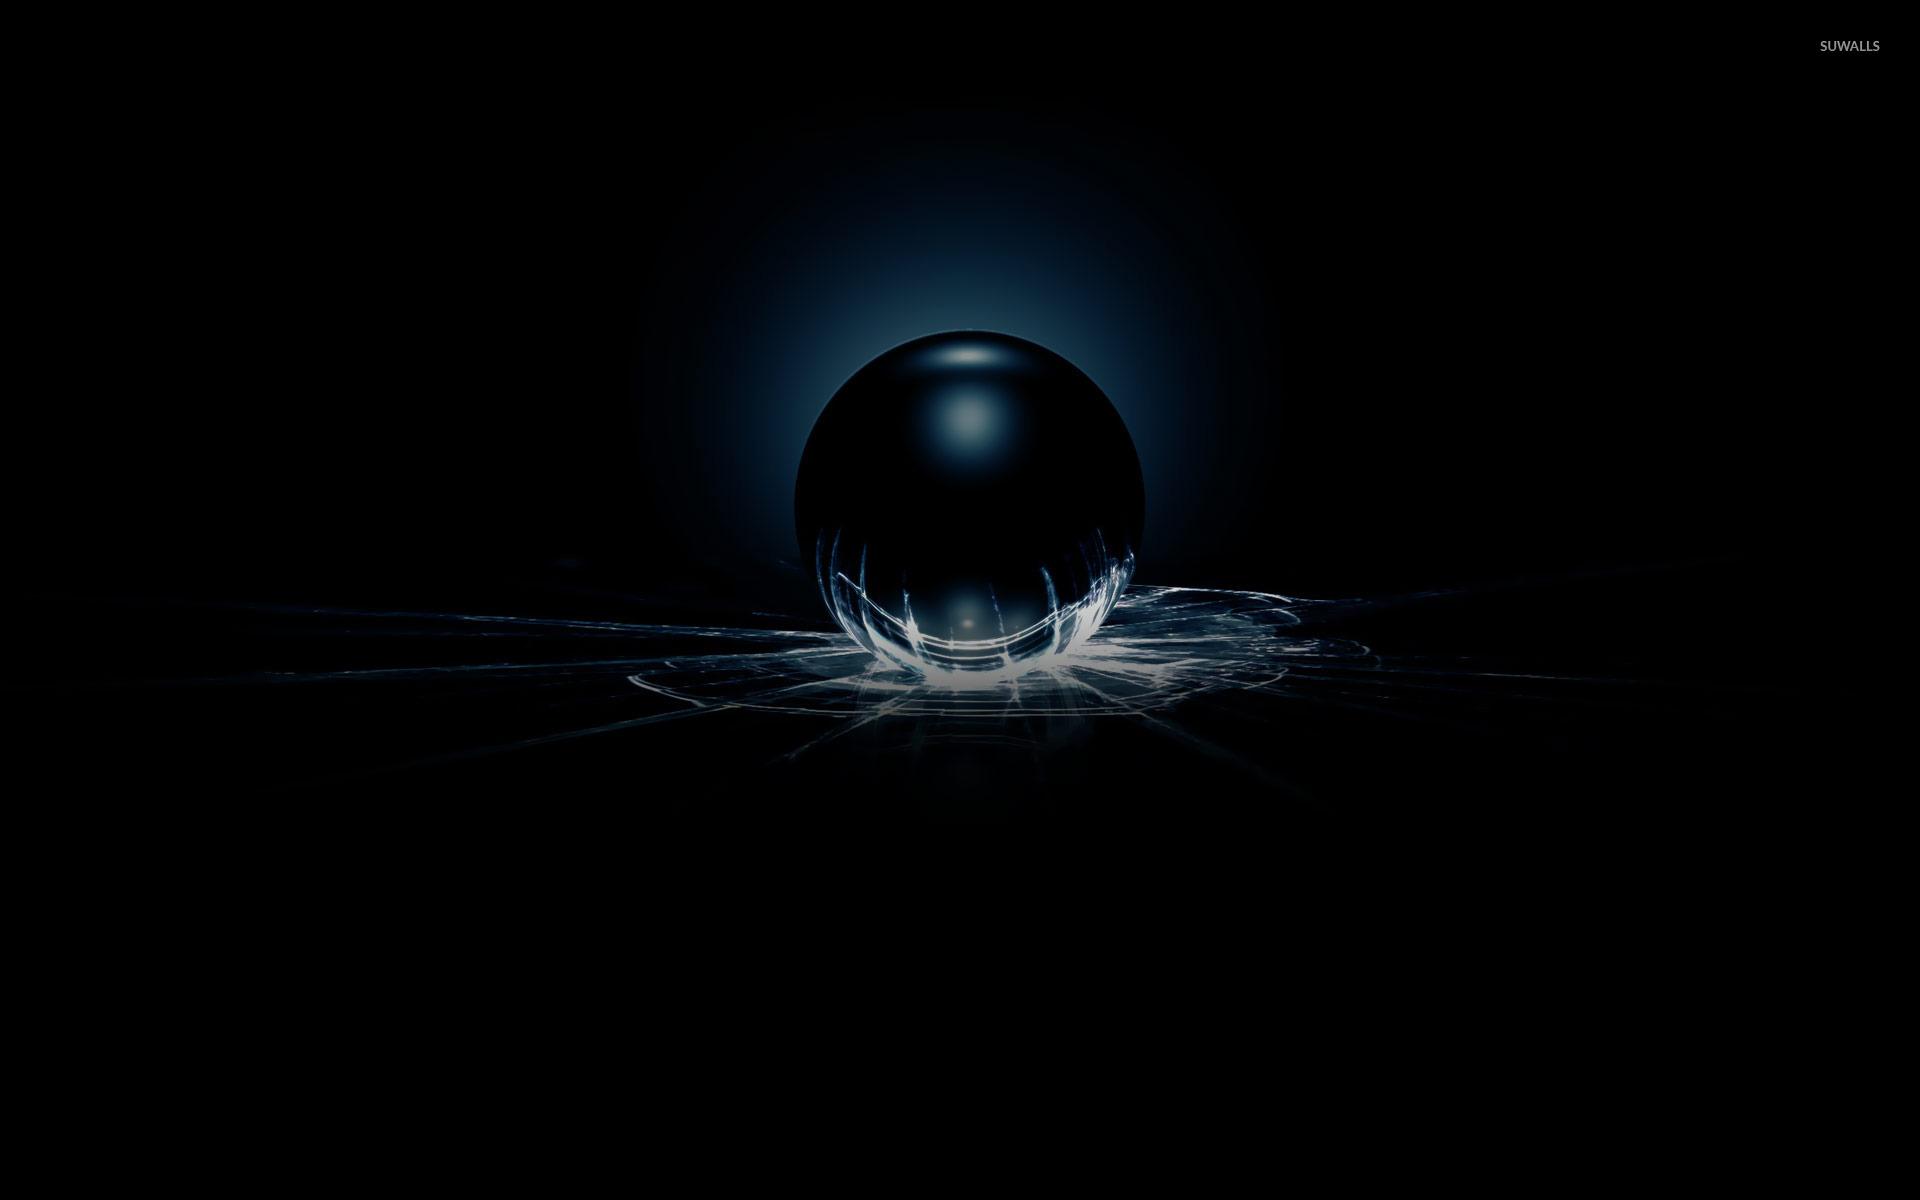 Dark Sphere Smashing The Glass Wallpaper 3d Wallpapers